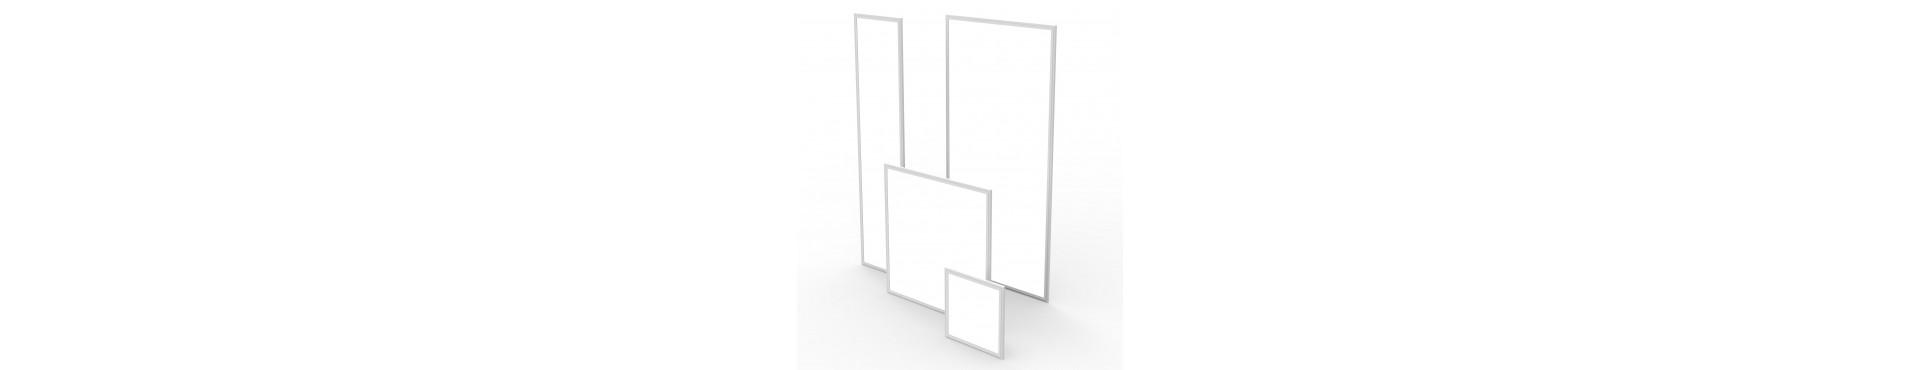 Store LED paneler i størrelserne 30x60, 60x60, 120x30, 120x60